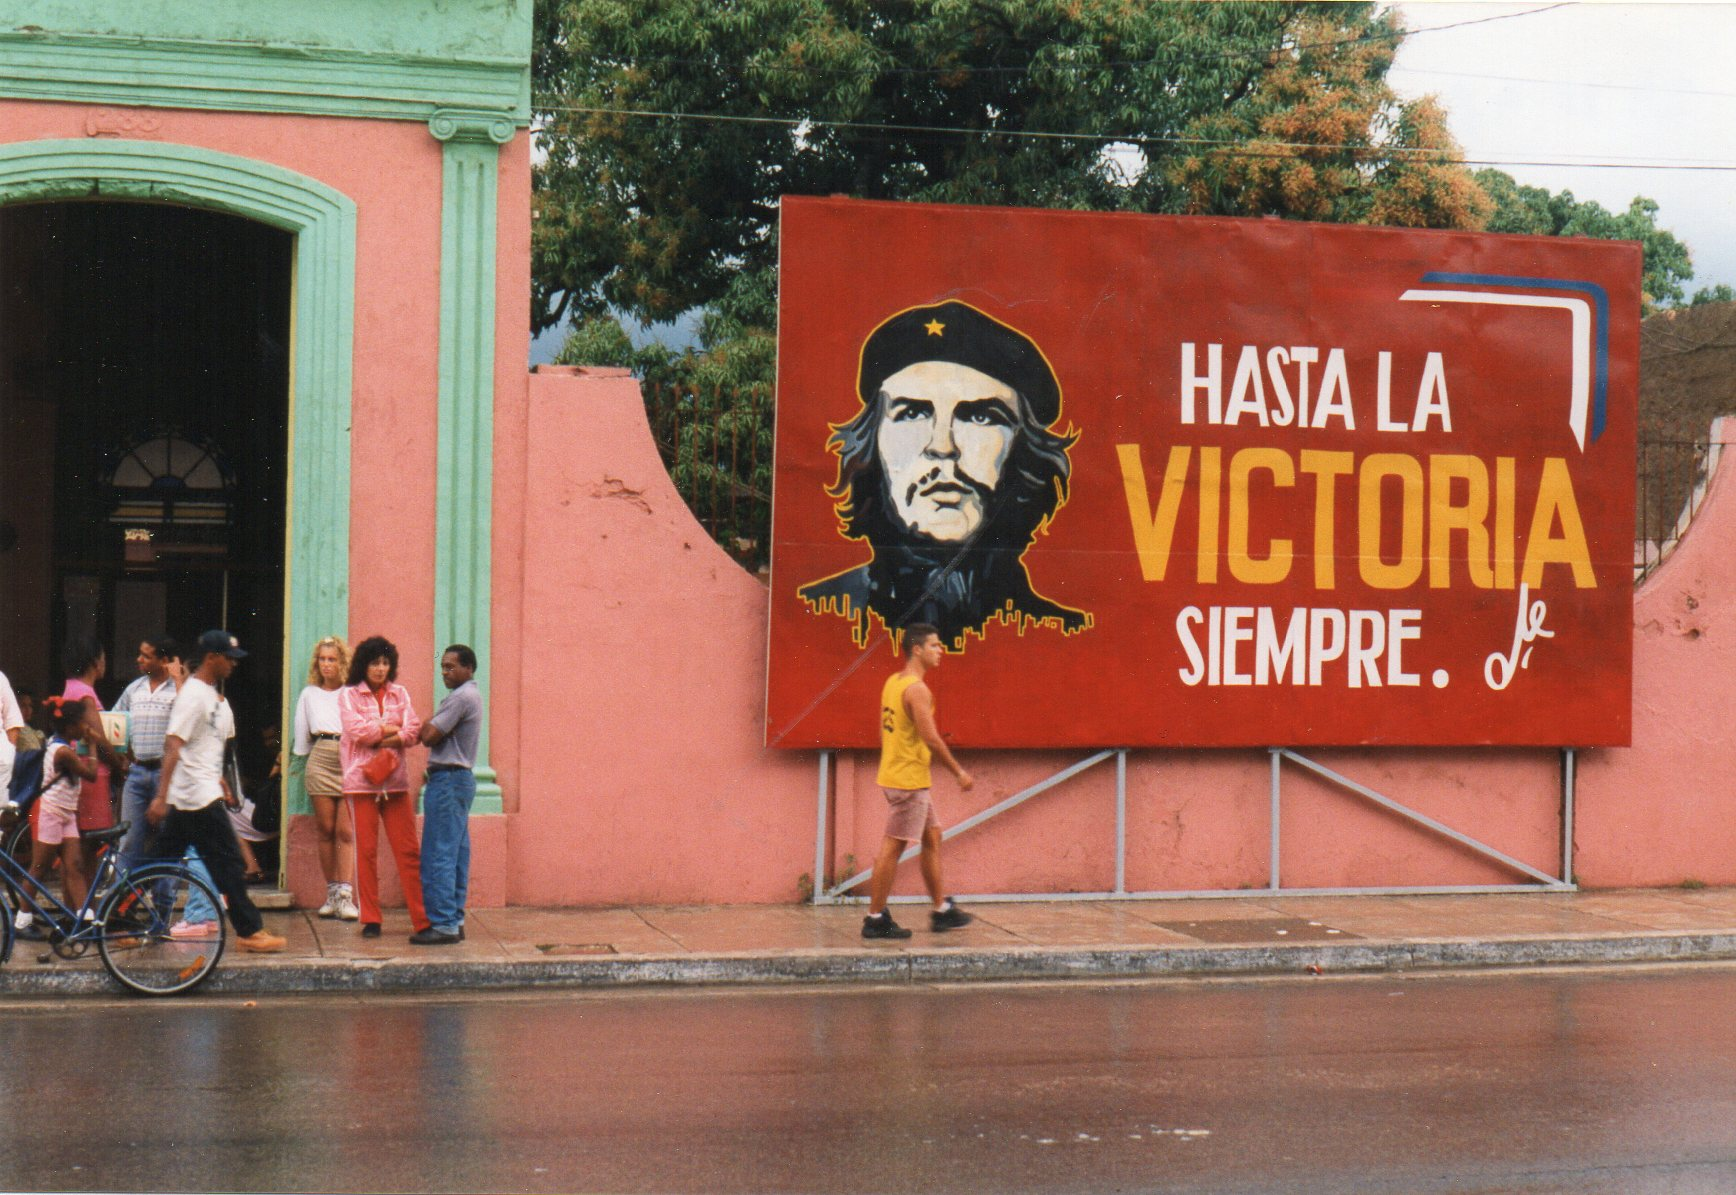 """Overalt på Cuba mødtes man af politisk probanada. Det var aldrig Castros kontrafej,men som oftest Che, der bevogtede en, som nu her ved en biograf i Cardénas. Normalt stod, der som her noget i retning af: """"Indtil sejren. Altid."""" Et enkelt sted sås et skilt med teksten fremdeles om Che: """"Dit eksempel vinder. Dine ideer taber!"""" Så fik han den."""